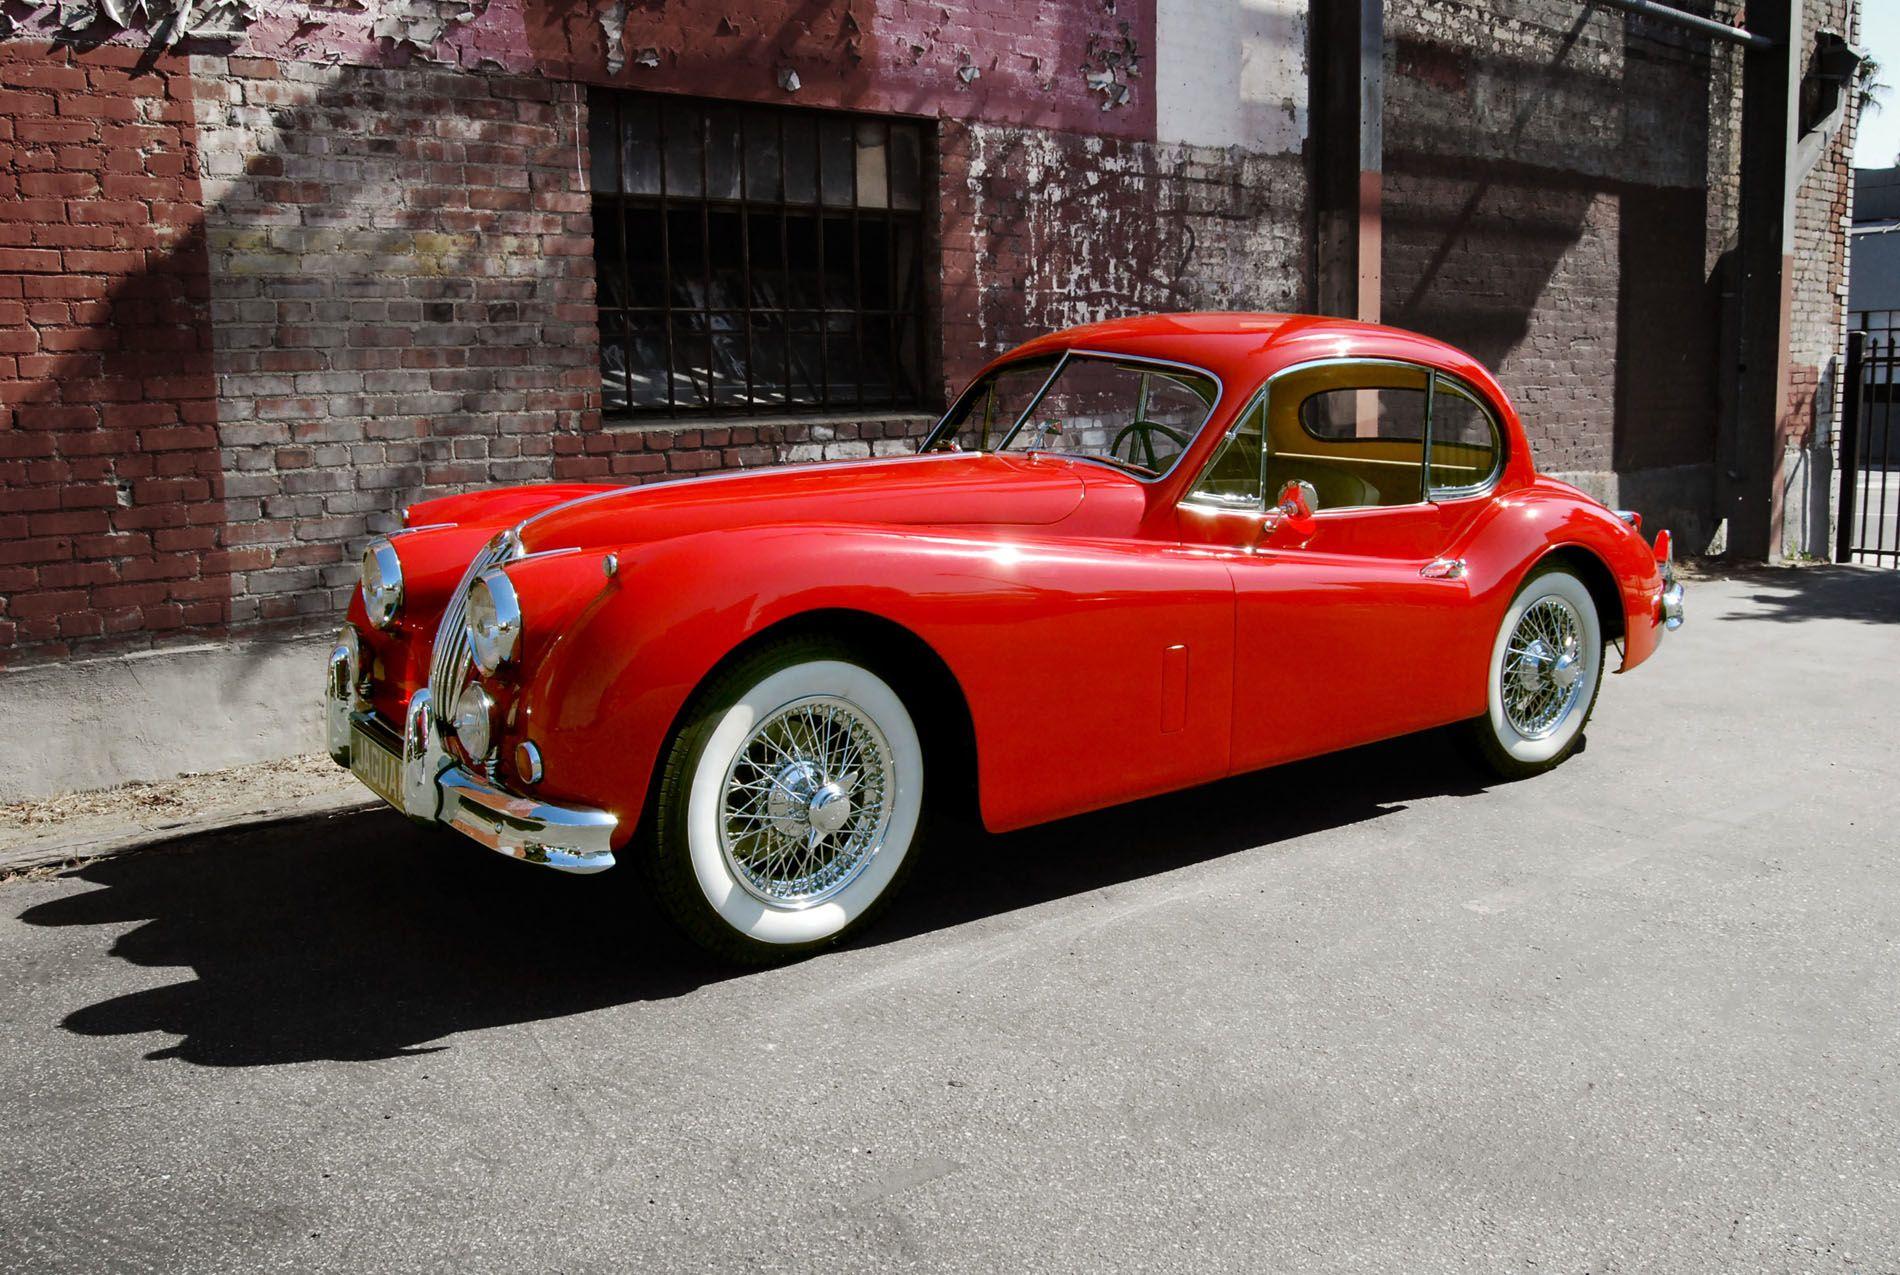 hemmings jaguar xk roadster cars for news restaur sale e classifieds motor fhc